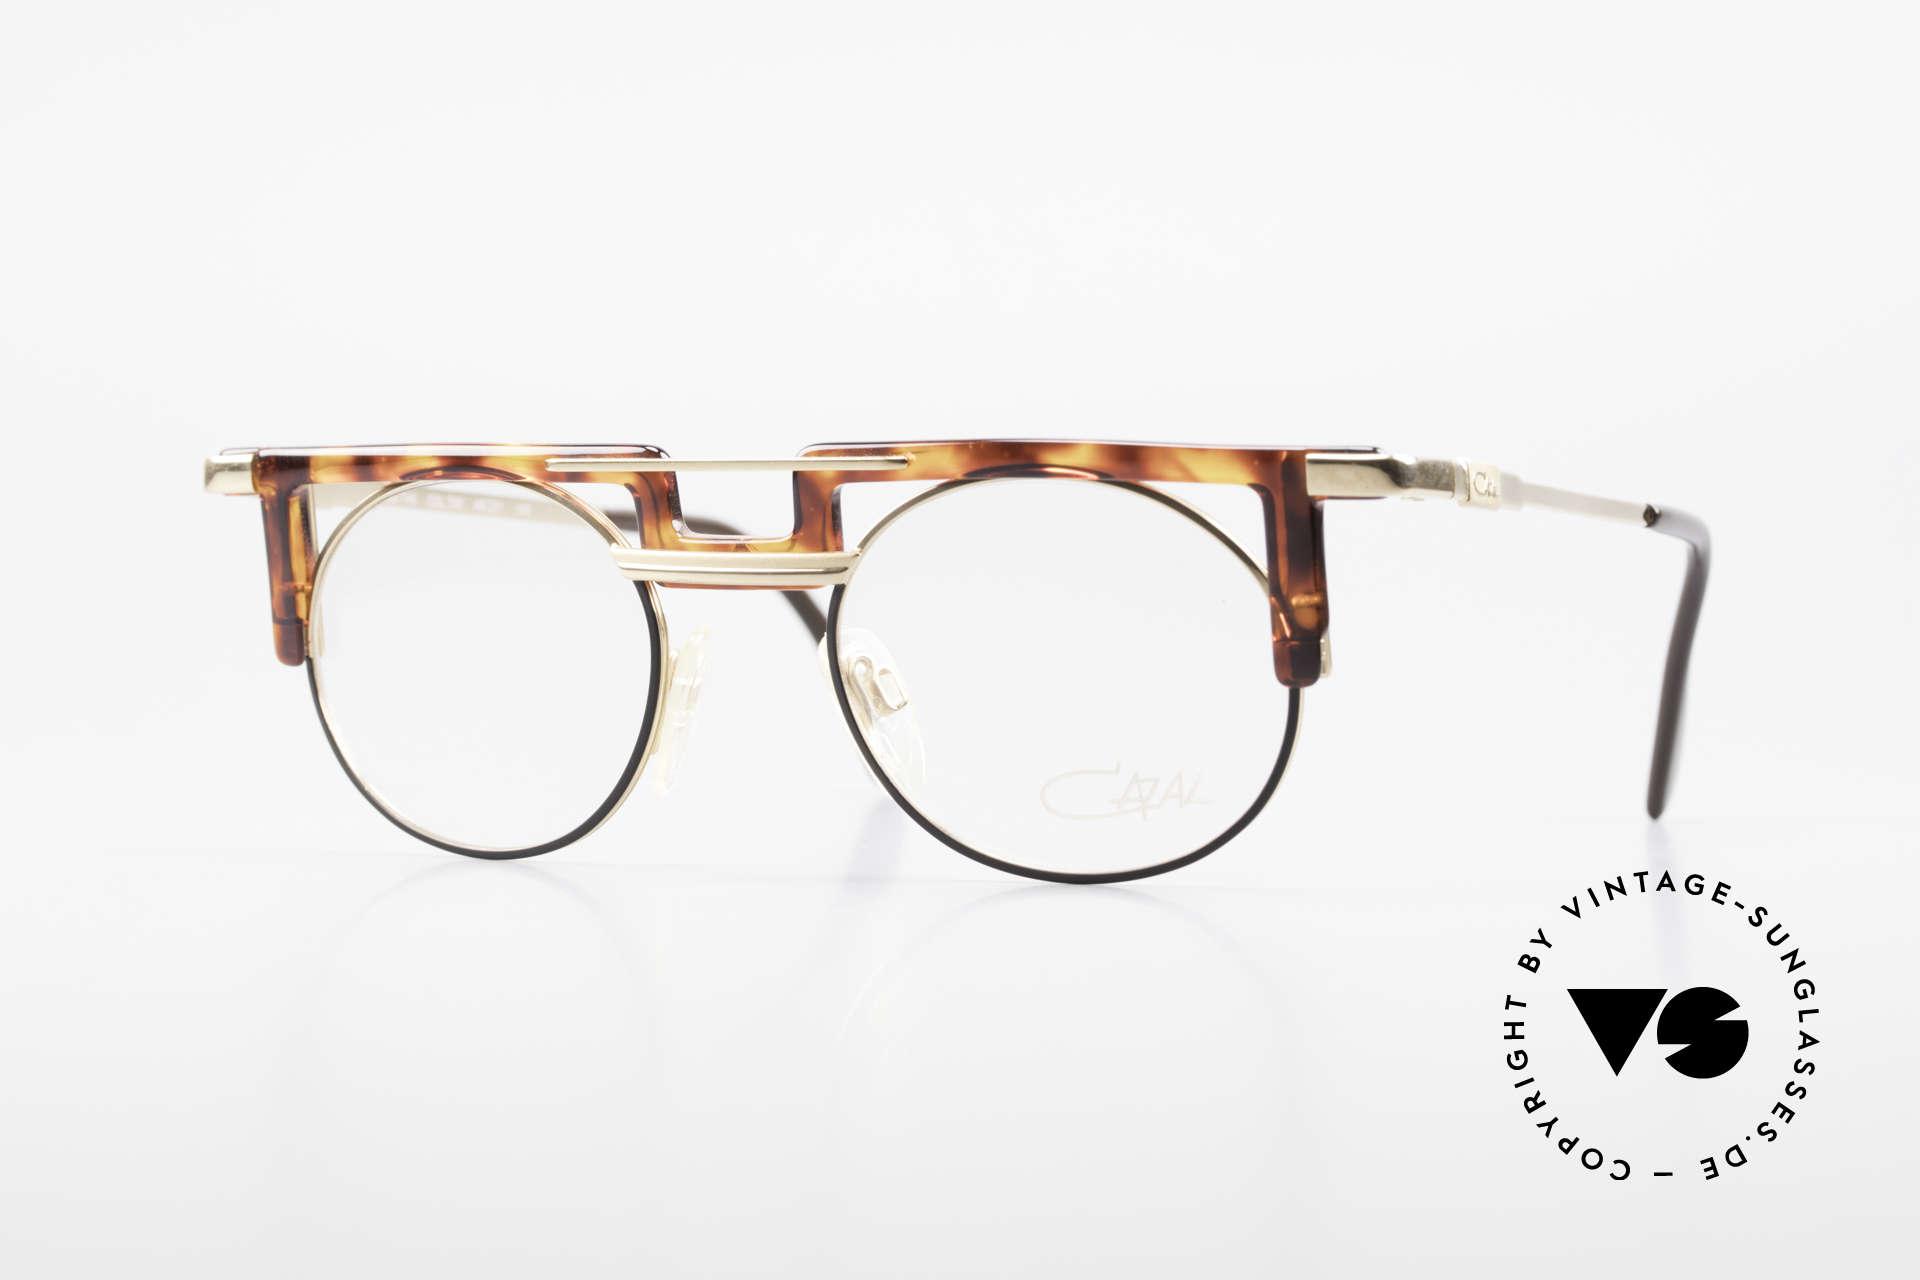 Cazal 745 Old Cazal 90's Eyeglass-Frame, striking Cazal vintage eyeglass-frame from 1991, Made for Men and Women